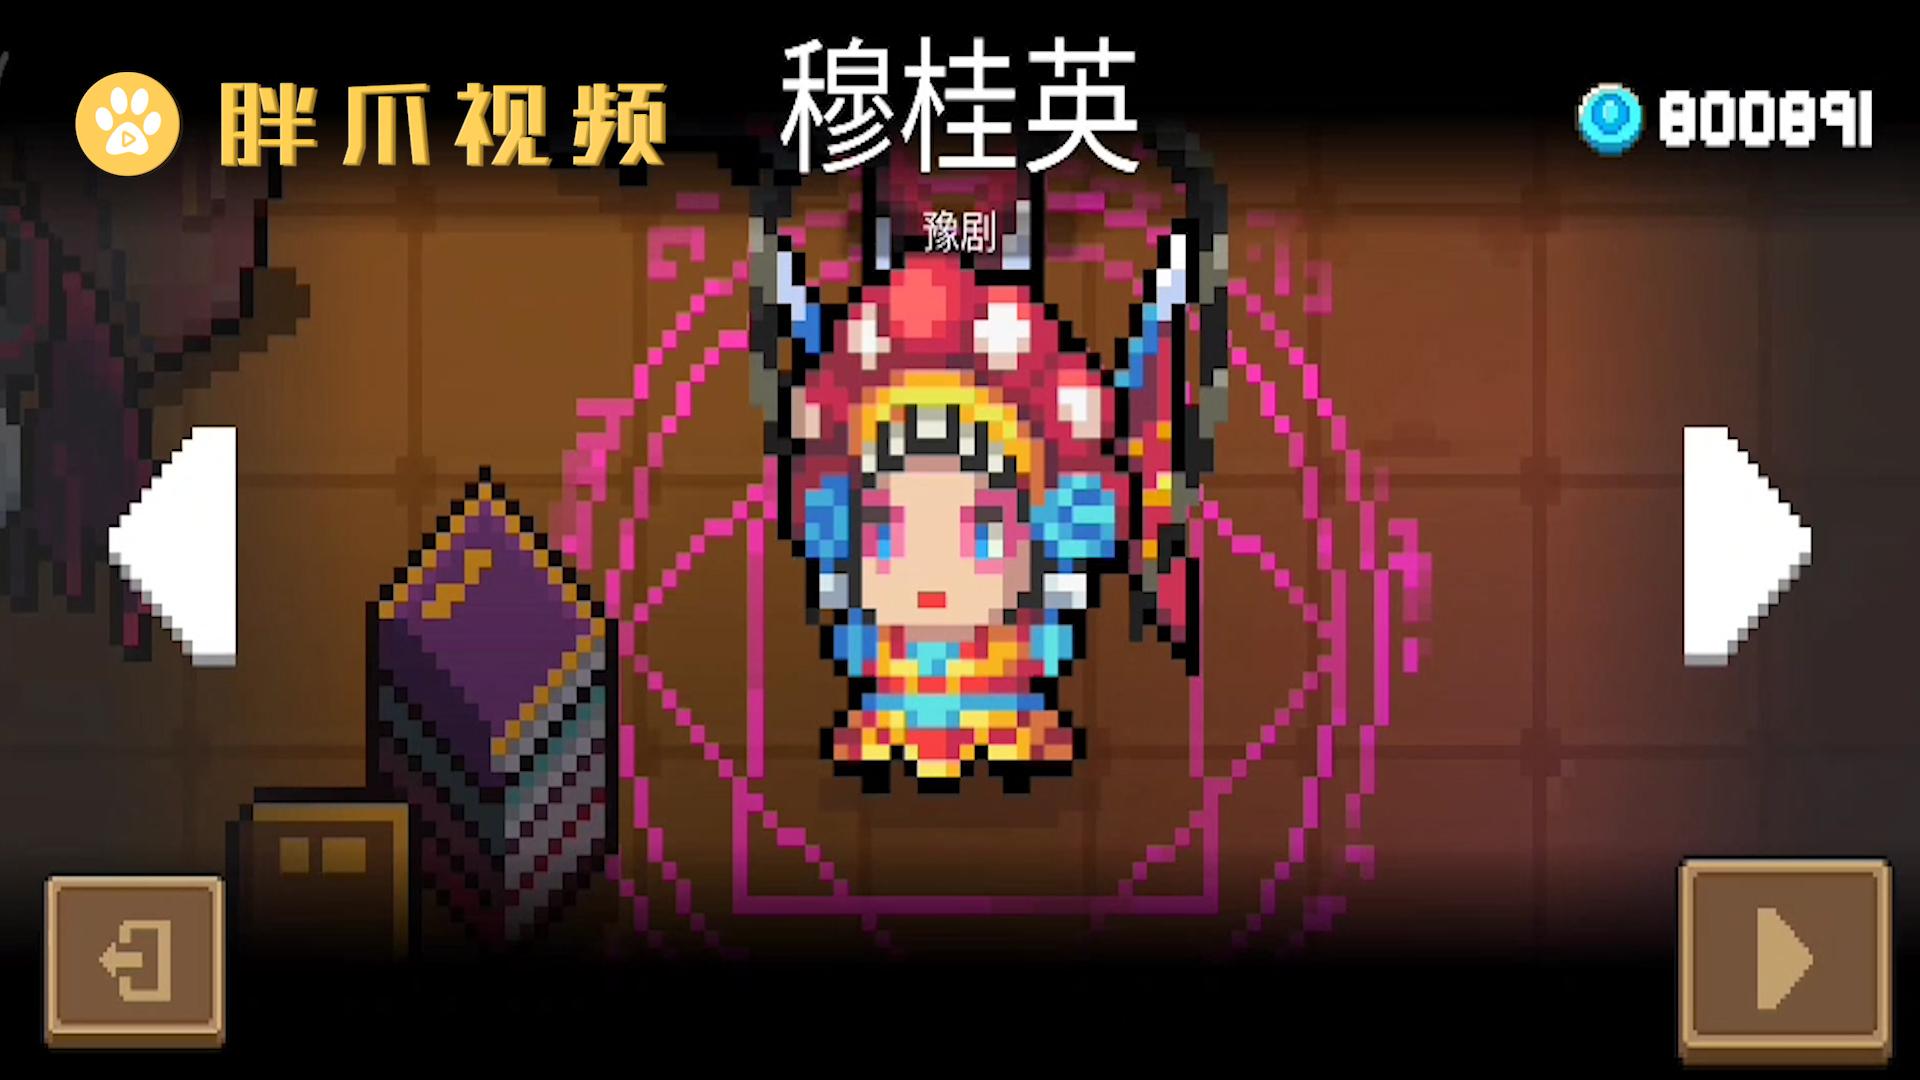 元气骑士法师京剧皮肤怎么获得(1)